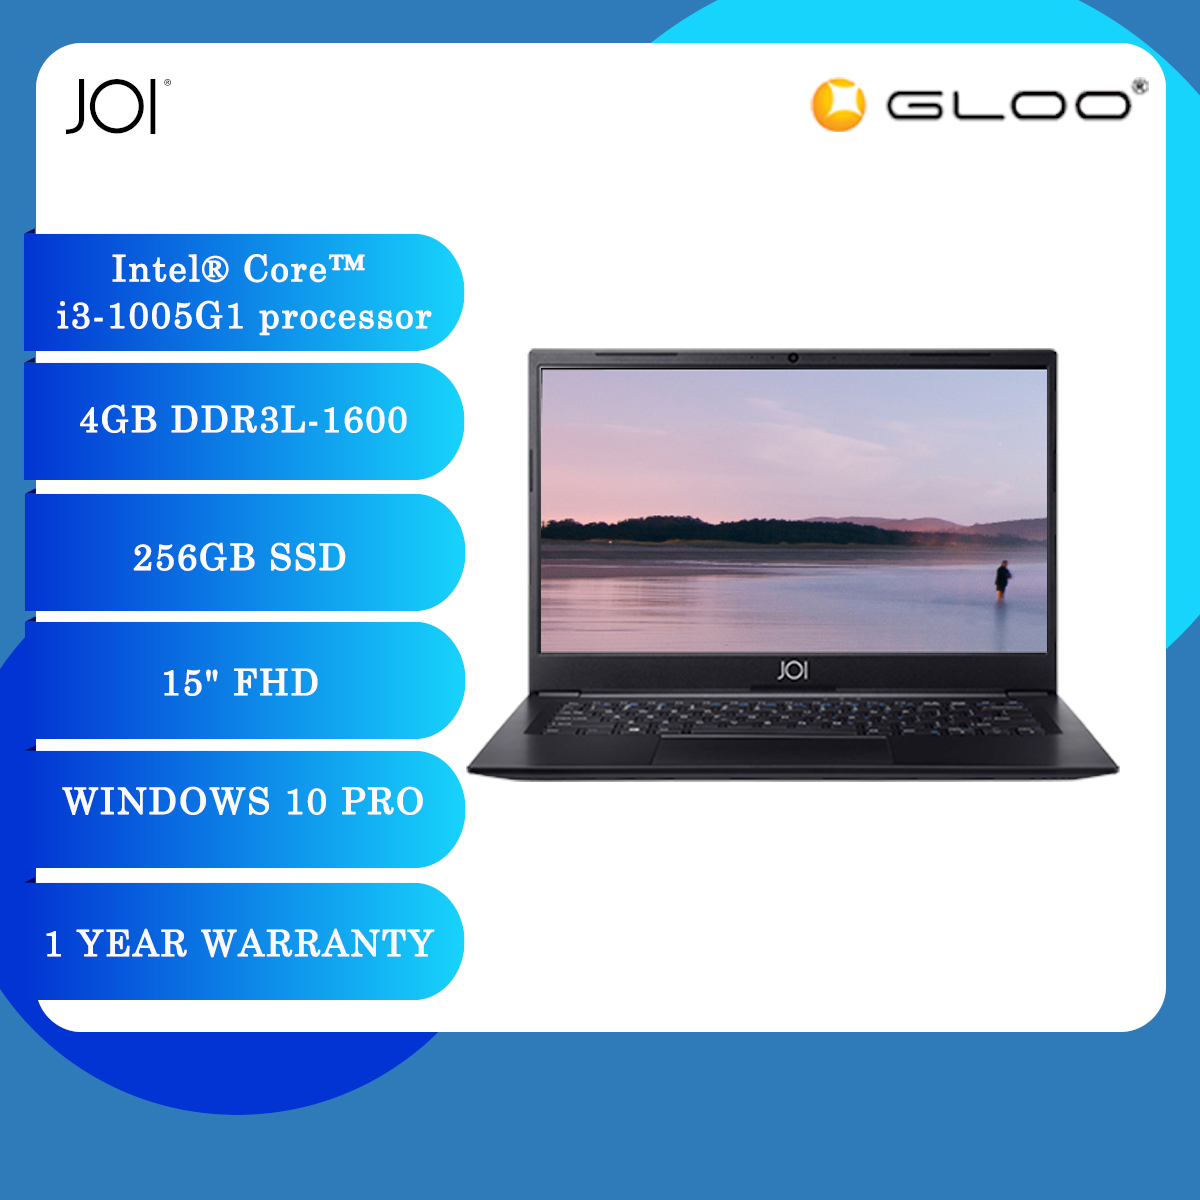 """JOI Book 3000 Laptop Black (i3-1005G1,4GB,256GB SSD,15"""" FHD,W10 Pro)"""